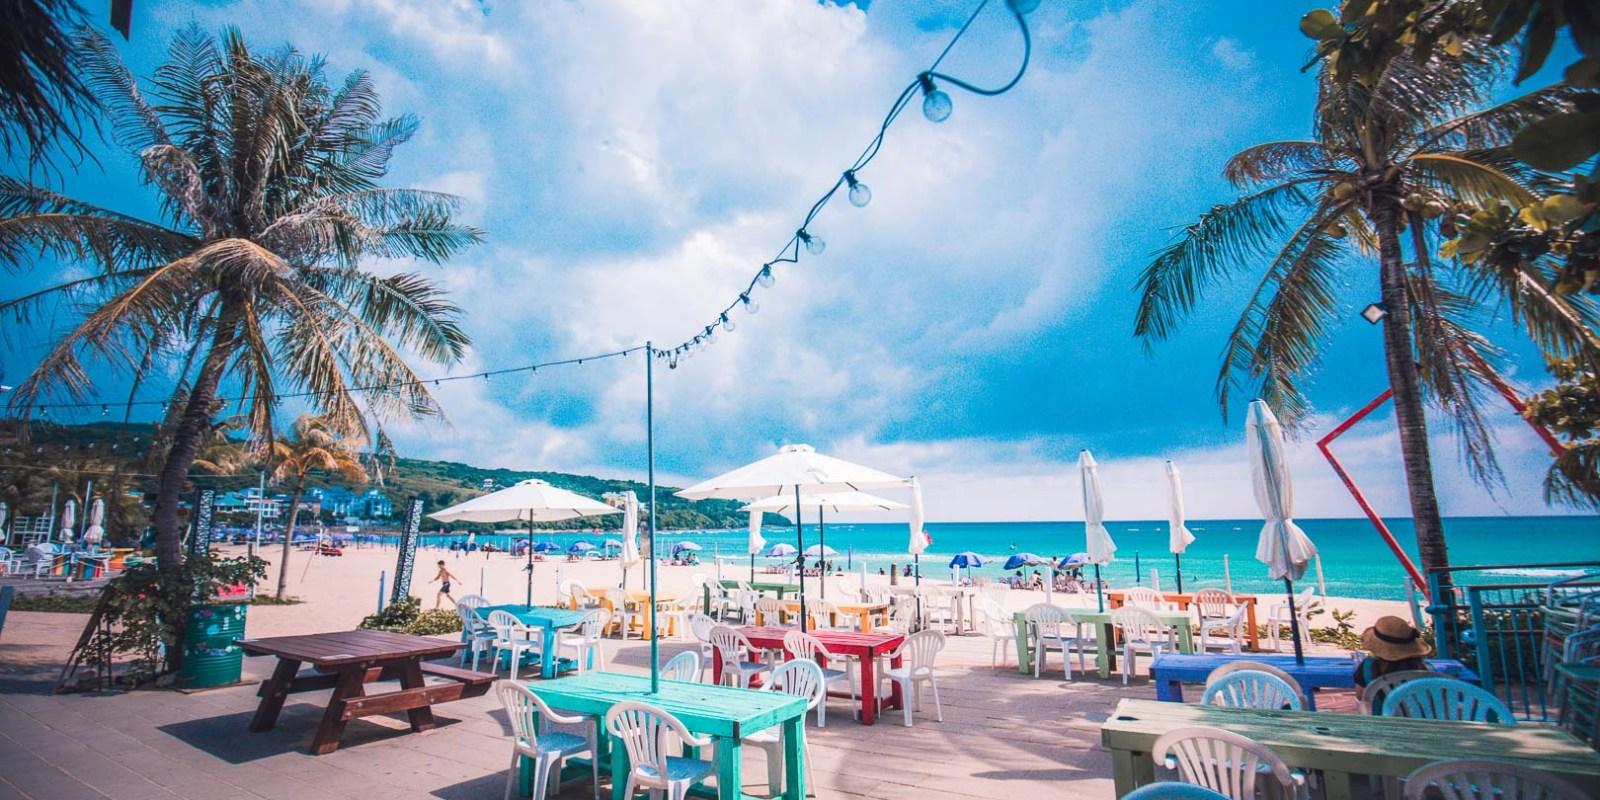 [墾丁景點]Wild Kids  野海子/偽出國正夯,這裡根本就是峇里島!墾丁最美沙灘酒吧!